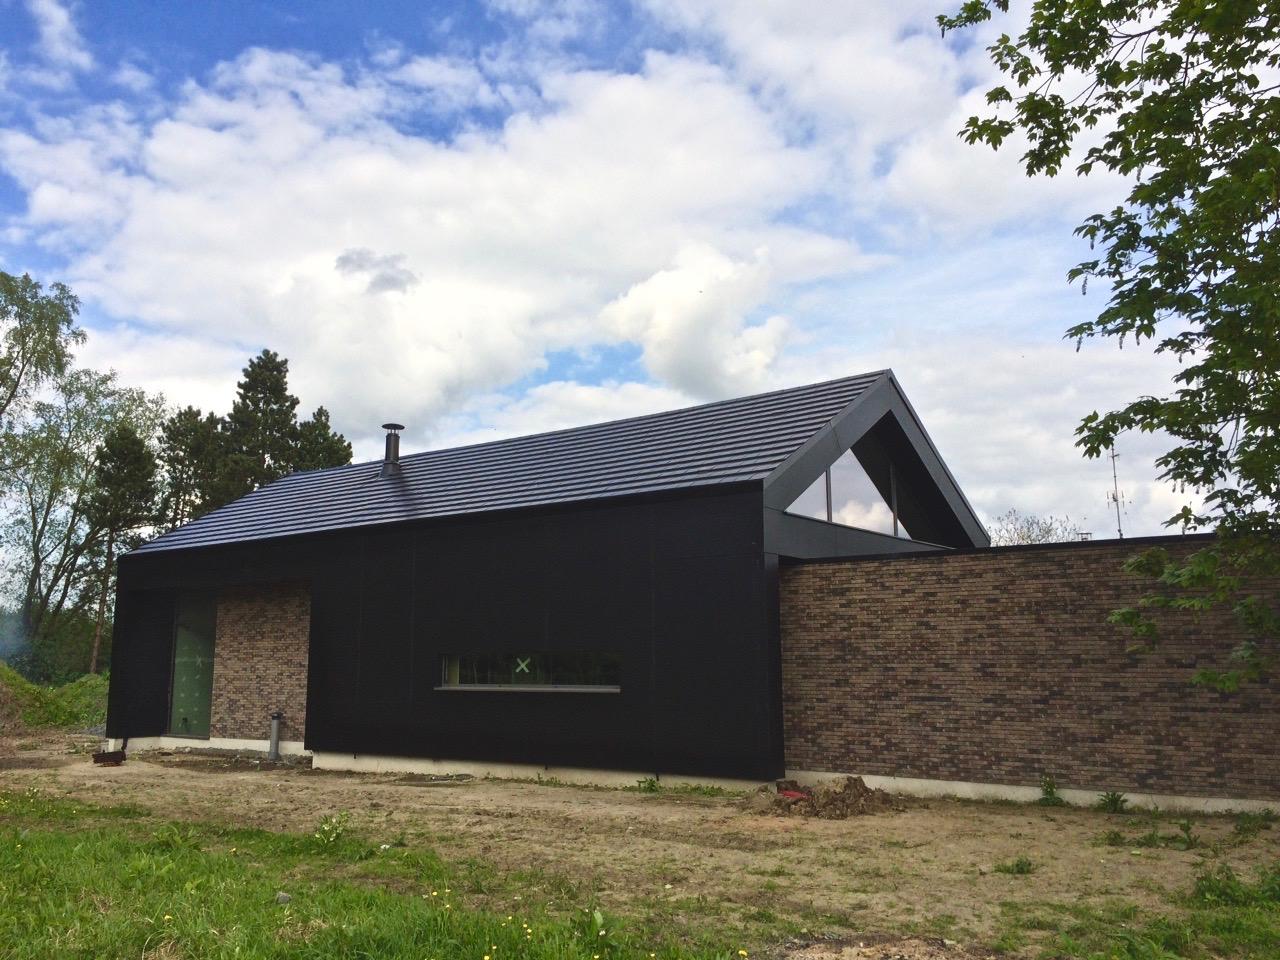 maison contemporaine en brique et Trespa 2